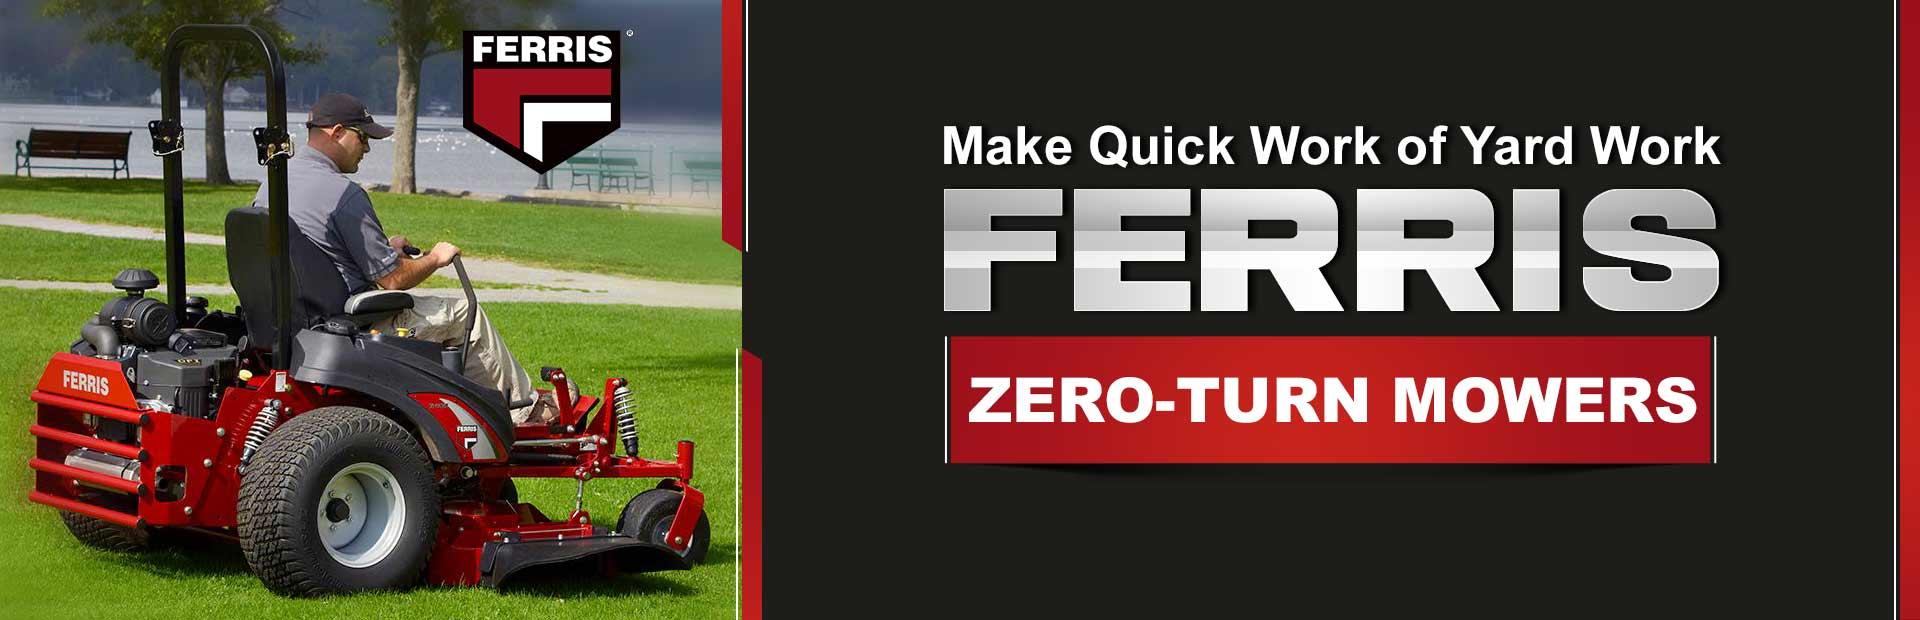 hight resolution of ferris zero turn mowers